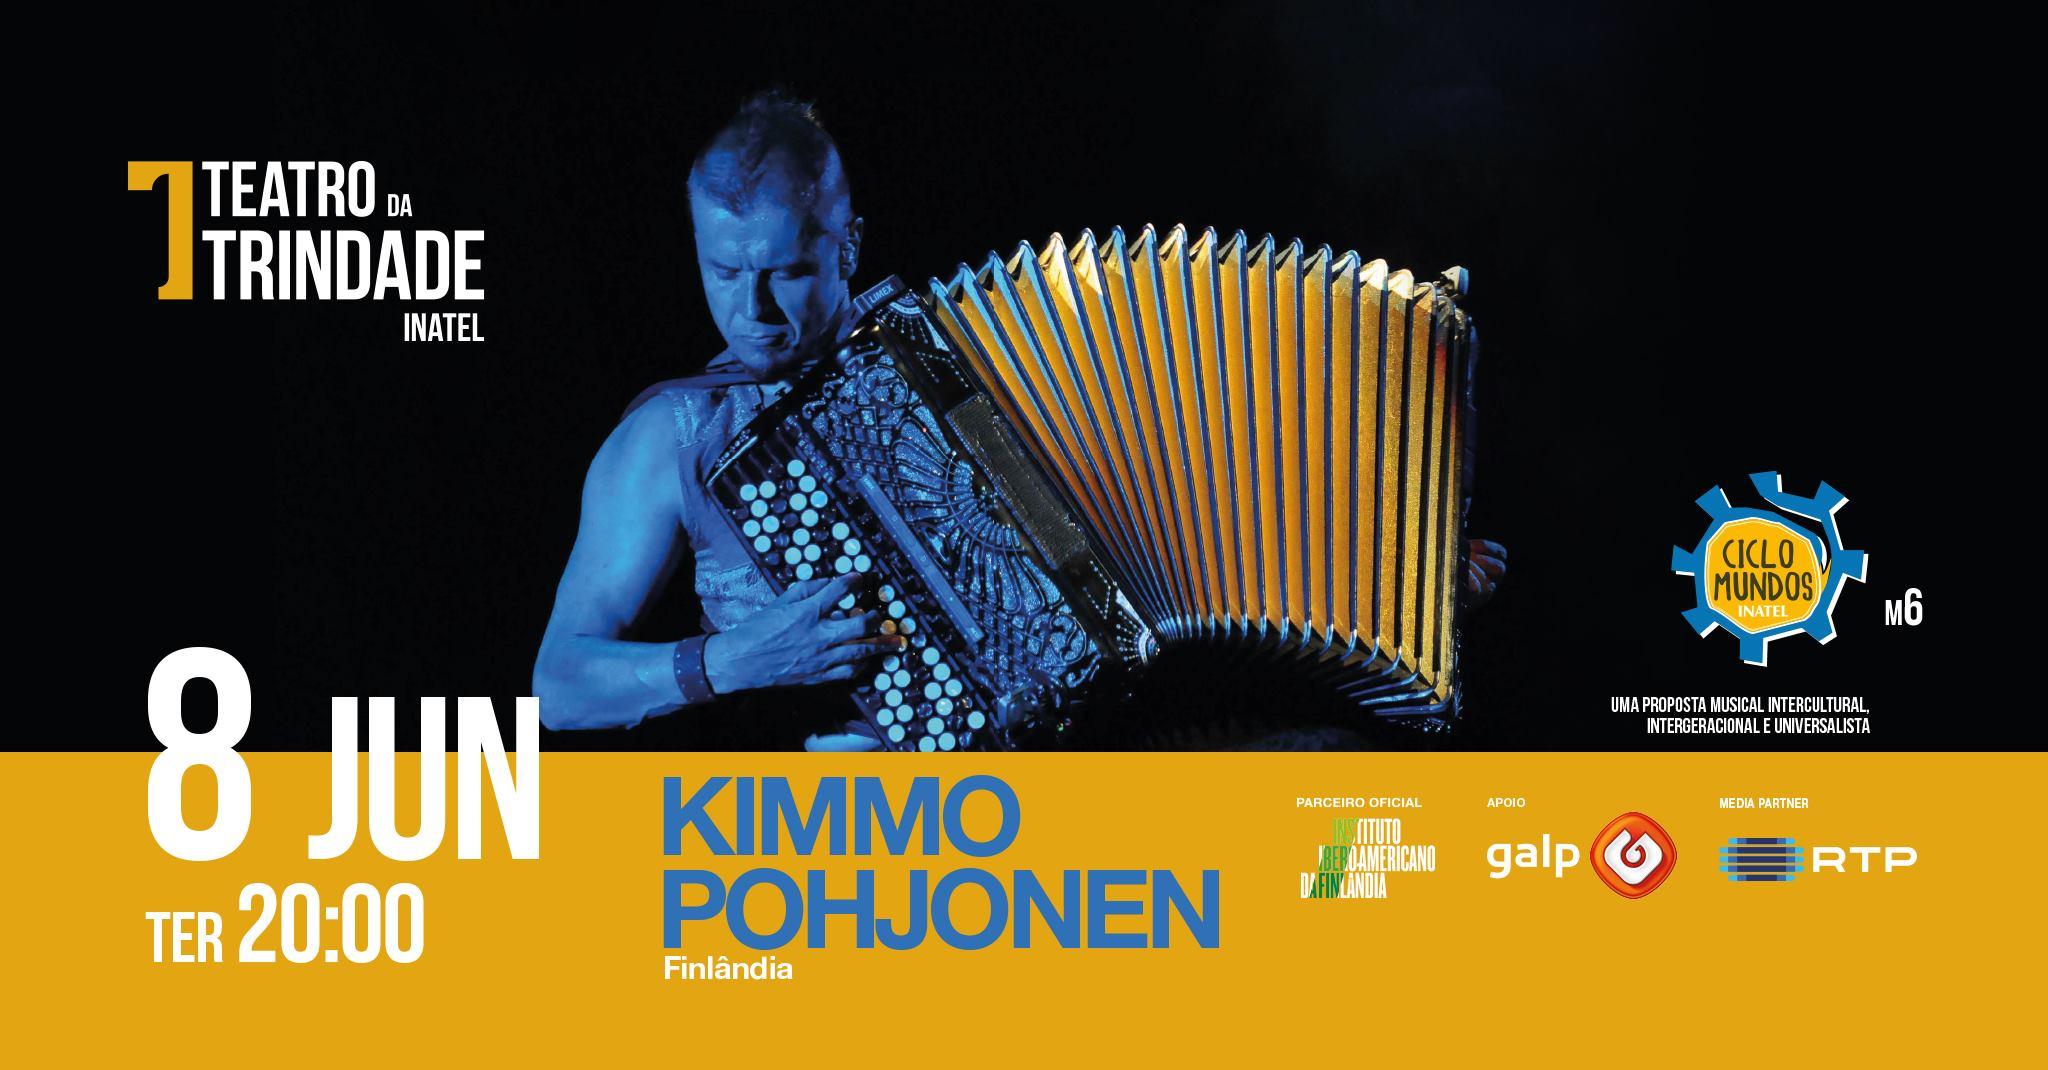 Ciclo Mundos com Kimmo Pohjonen